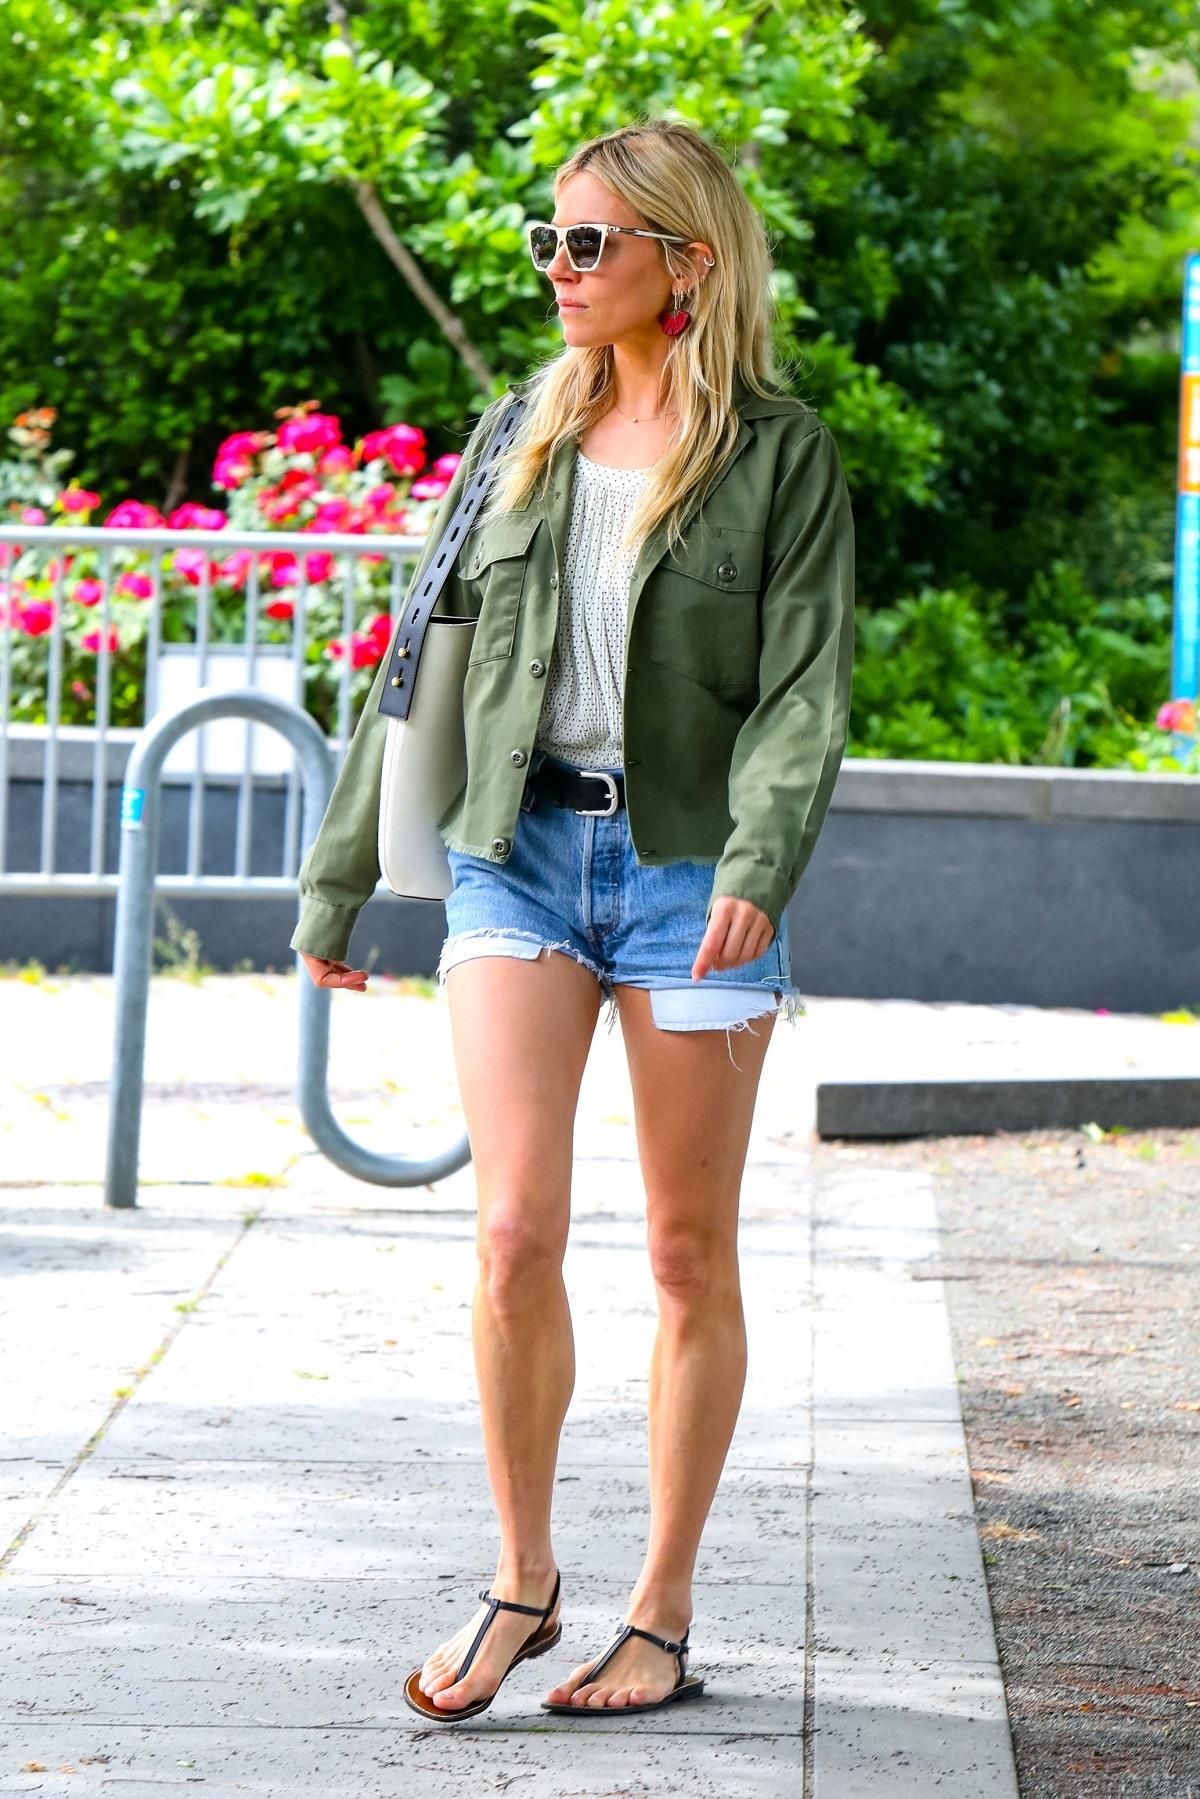 Sienna Miller con shorts y sandalias planas.